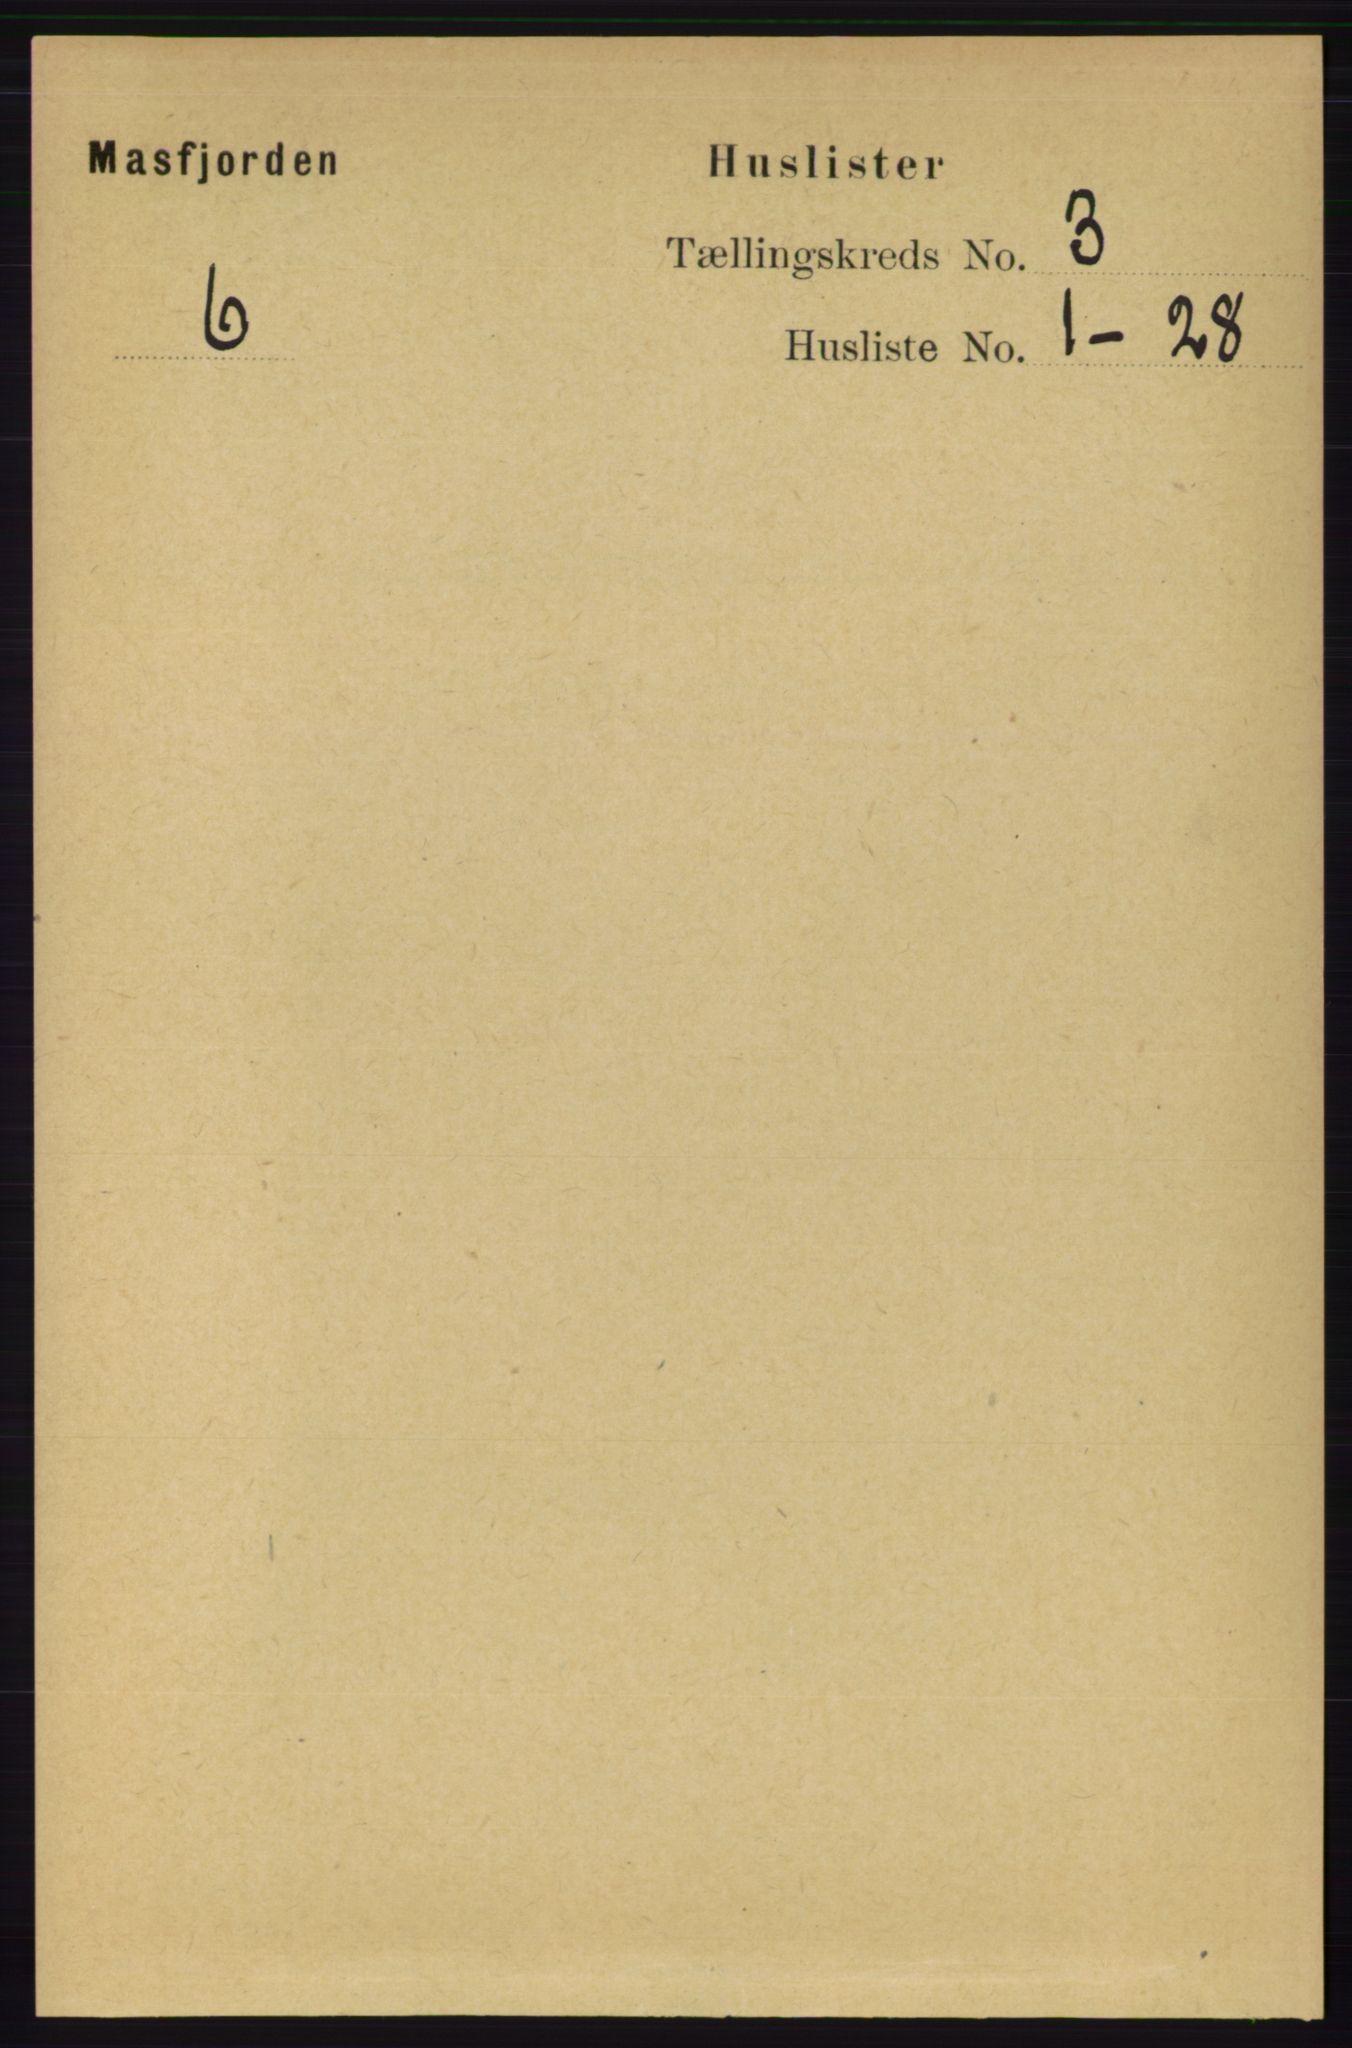 RA, Folketelling 1891 for 1266 Masfjorden herred, 1891, s. 495